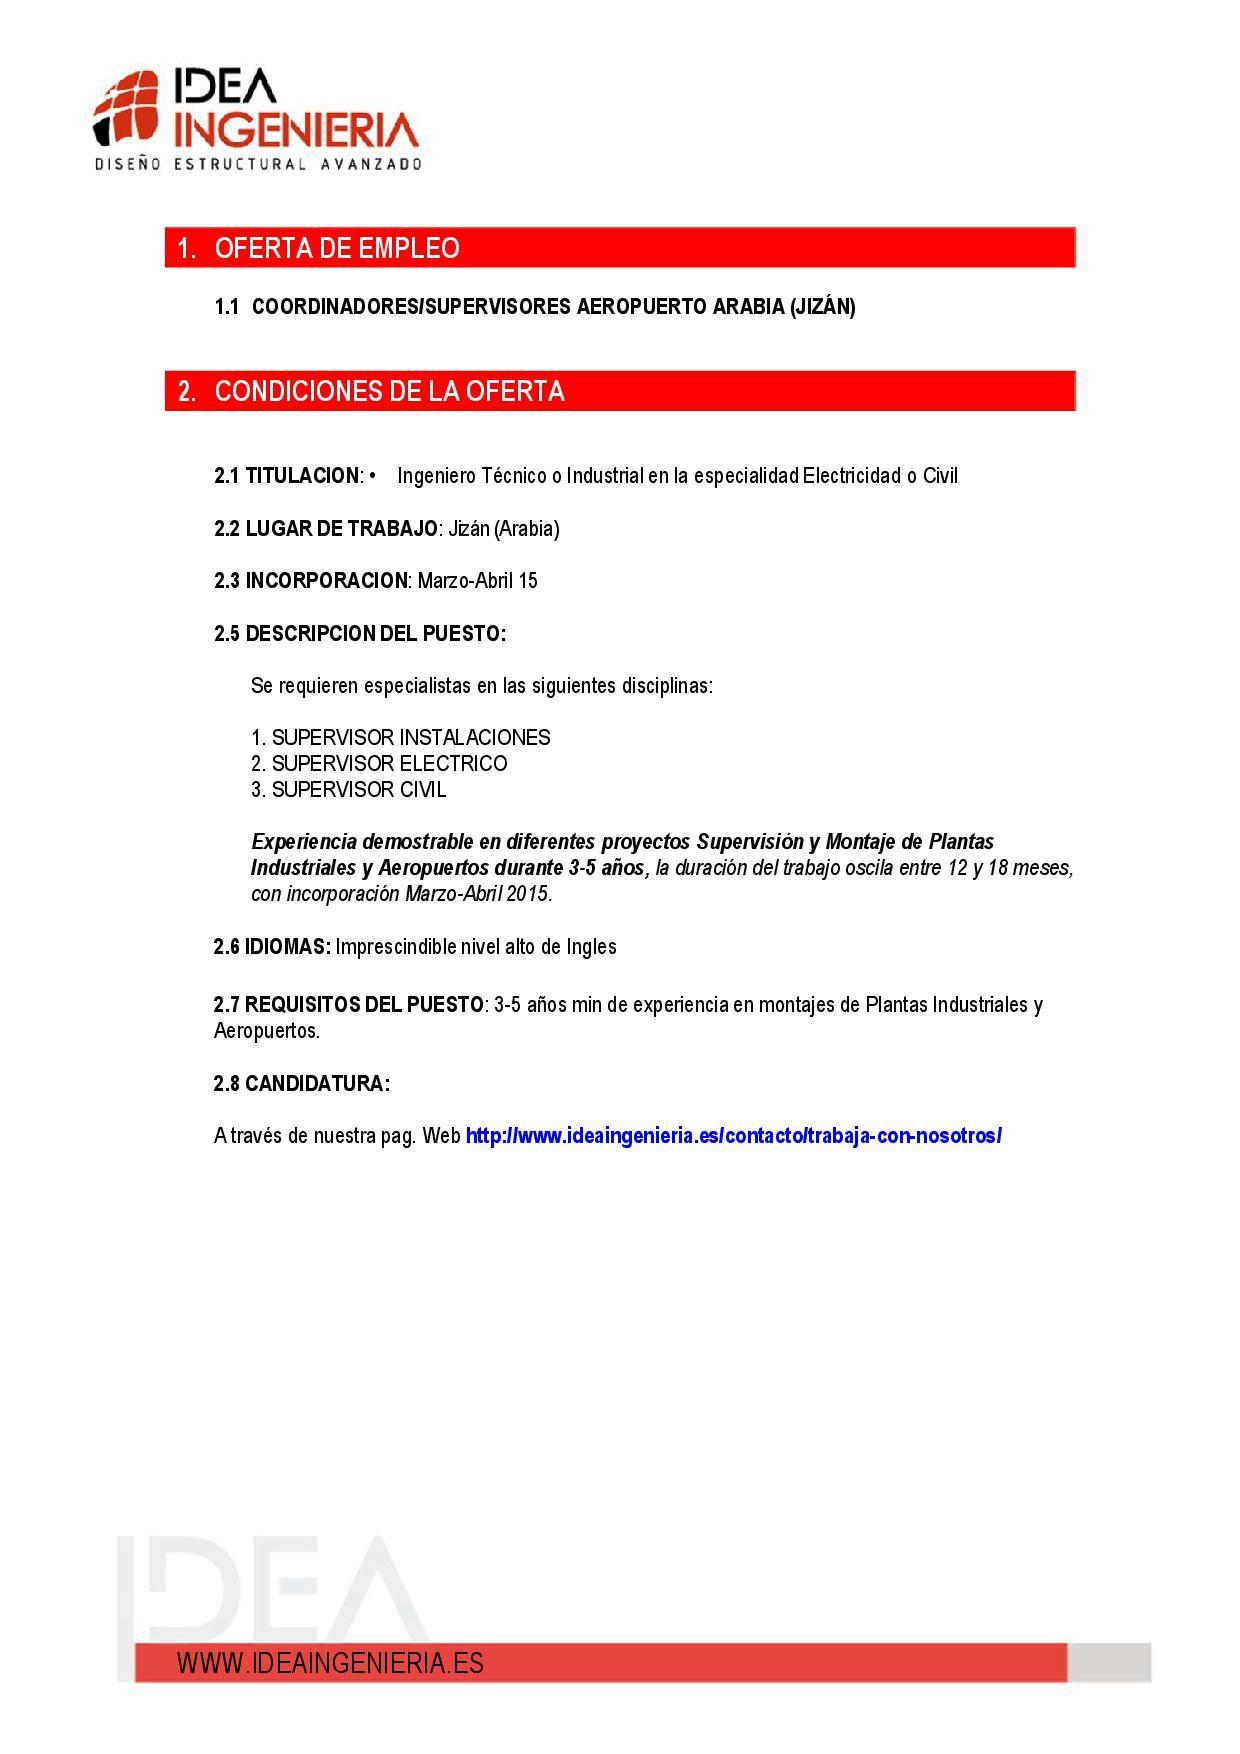 Único Reanudar El Supervisor Civil Bosquejo - Ejemplo De Colección ...